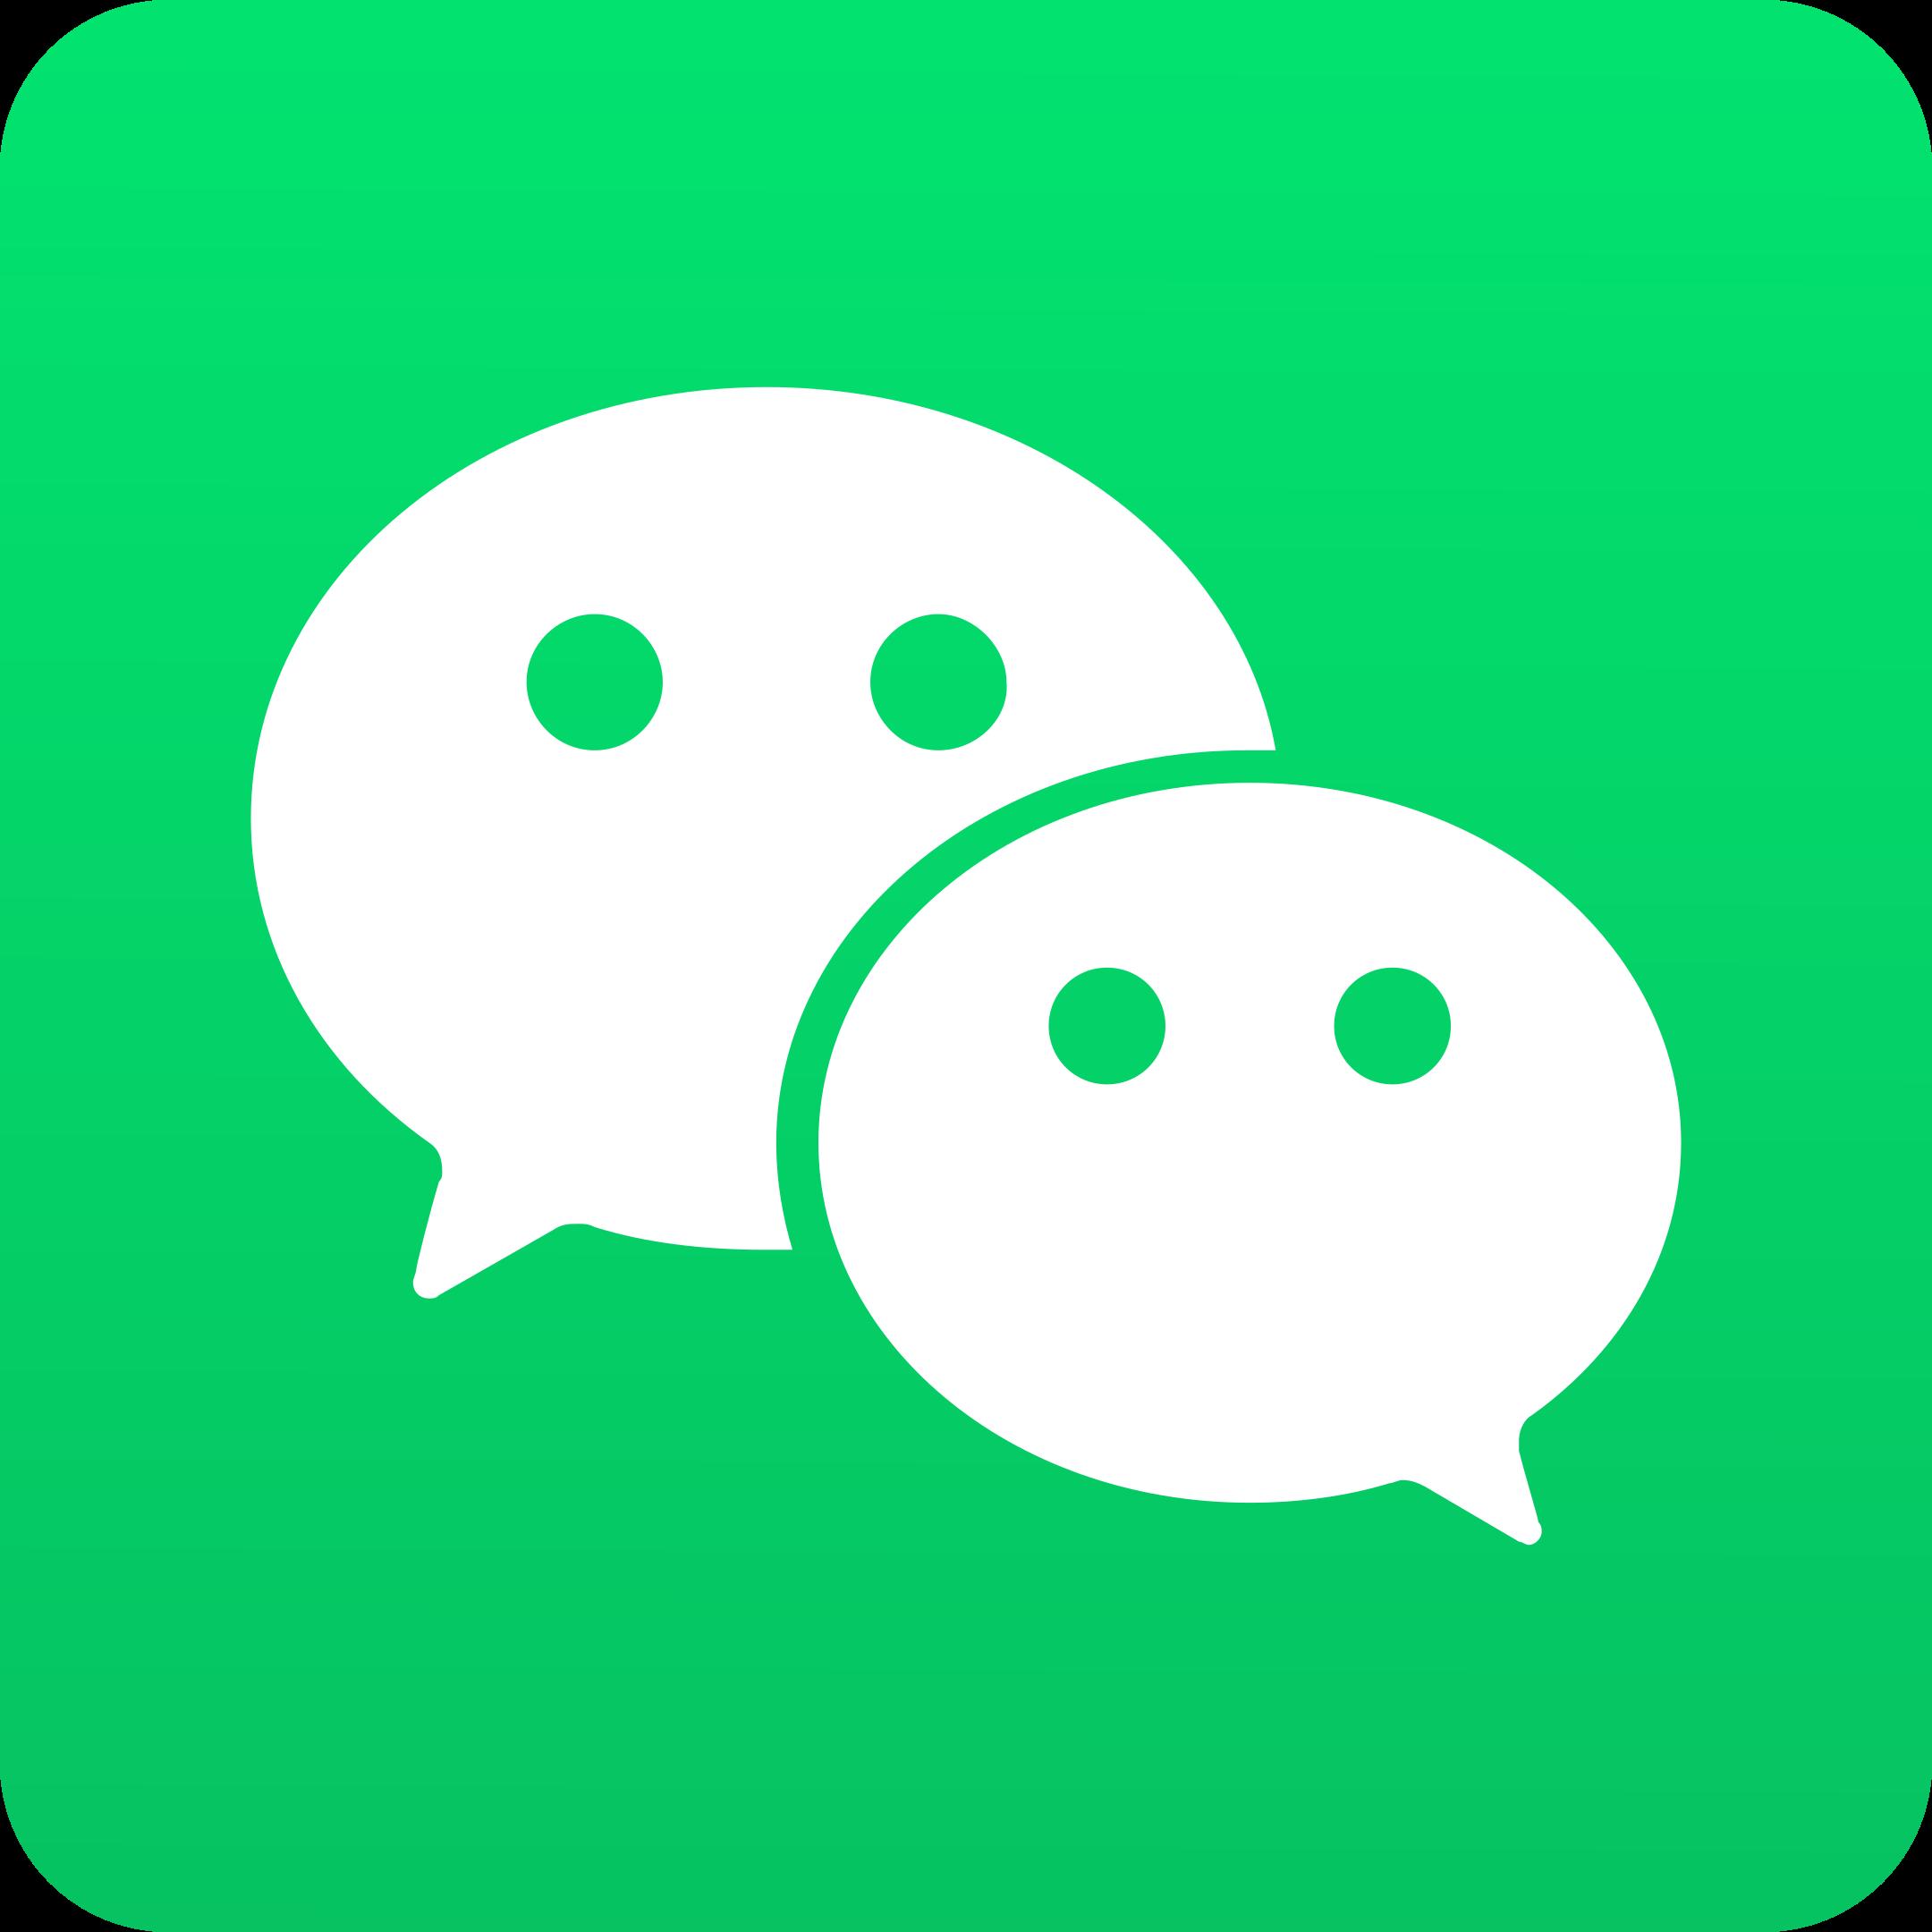 wechat logo 1 - WeChat Logo